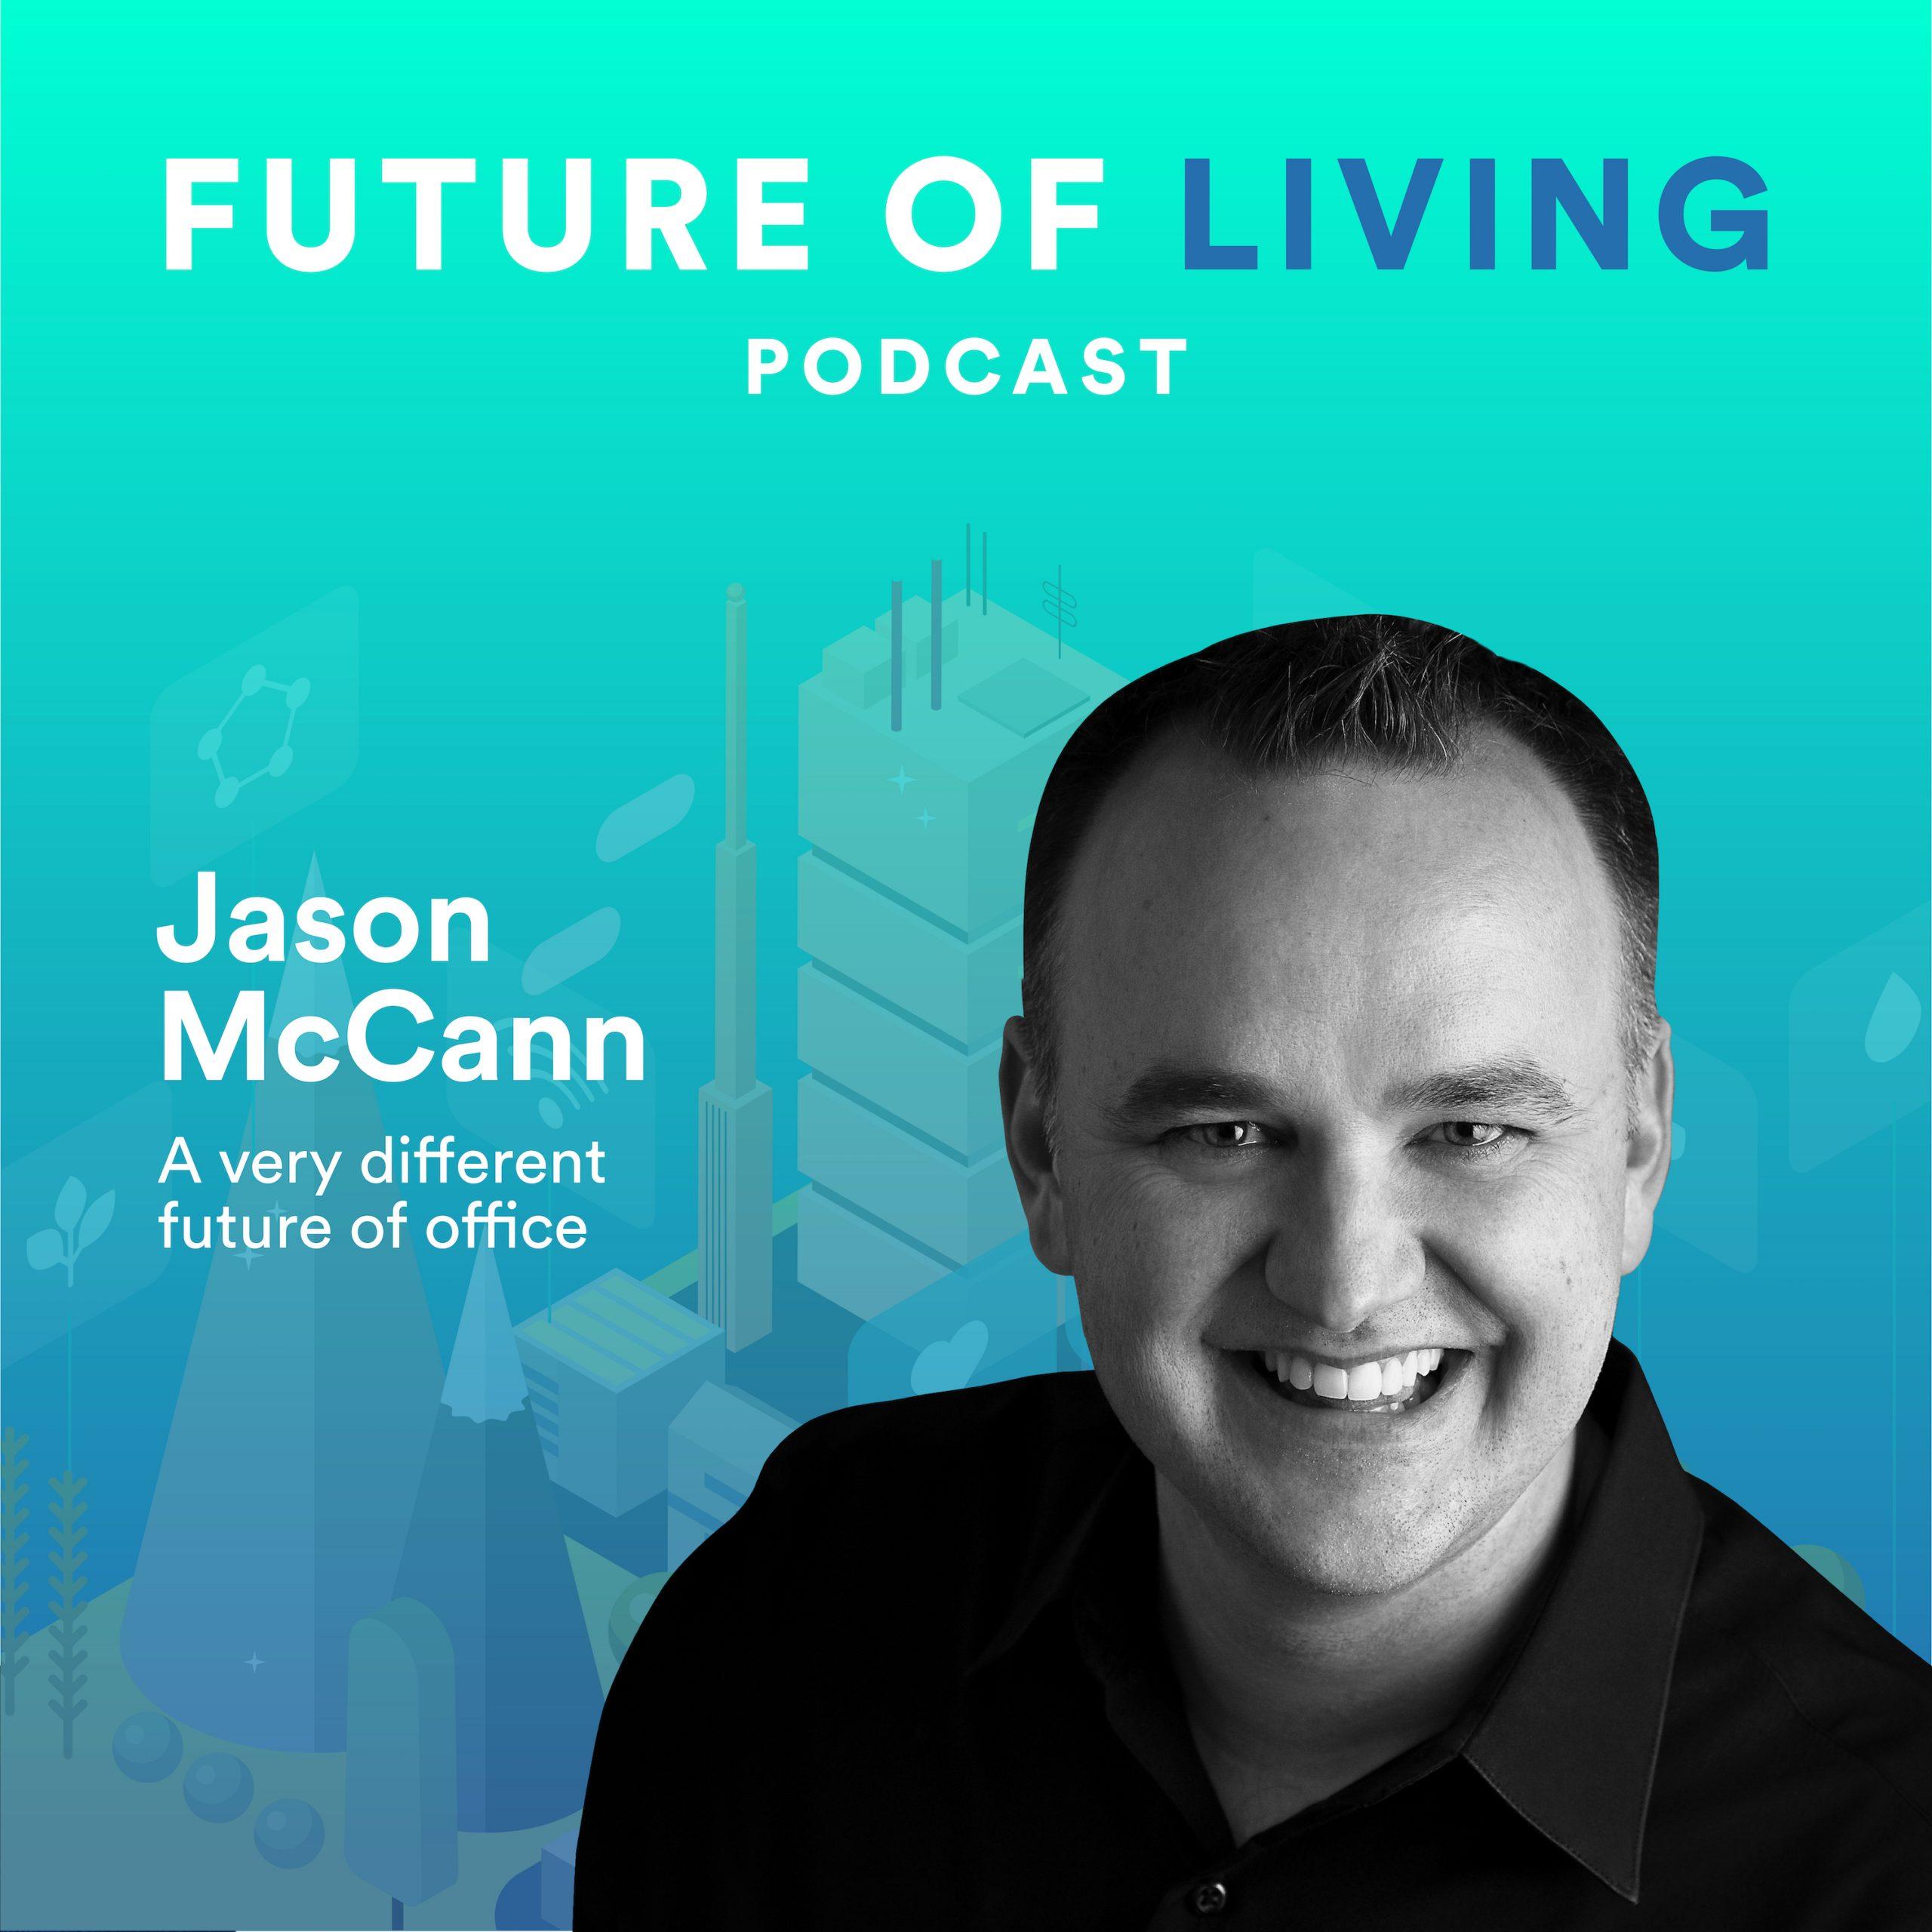 Jason McCann on the Future of the Office